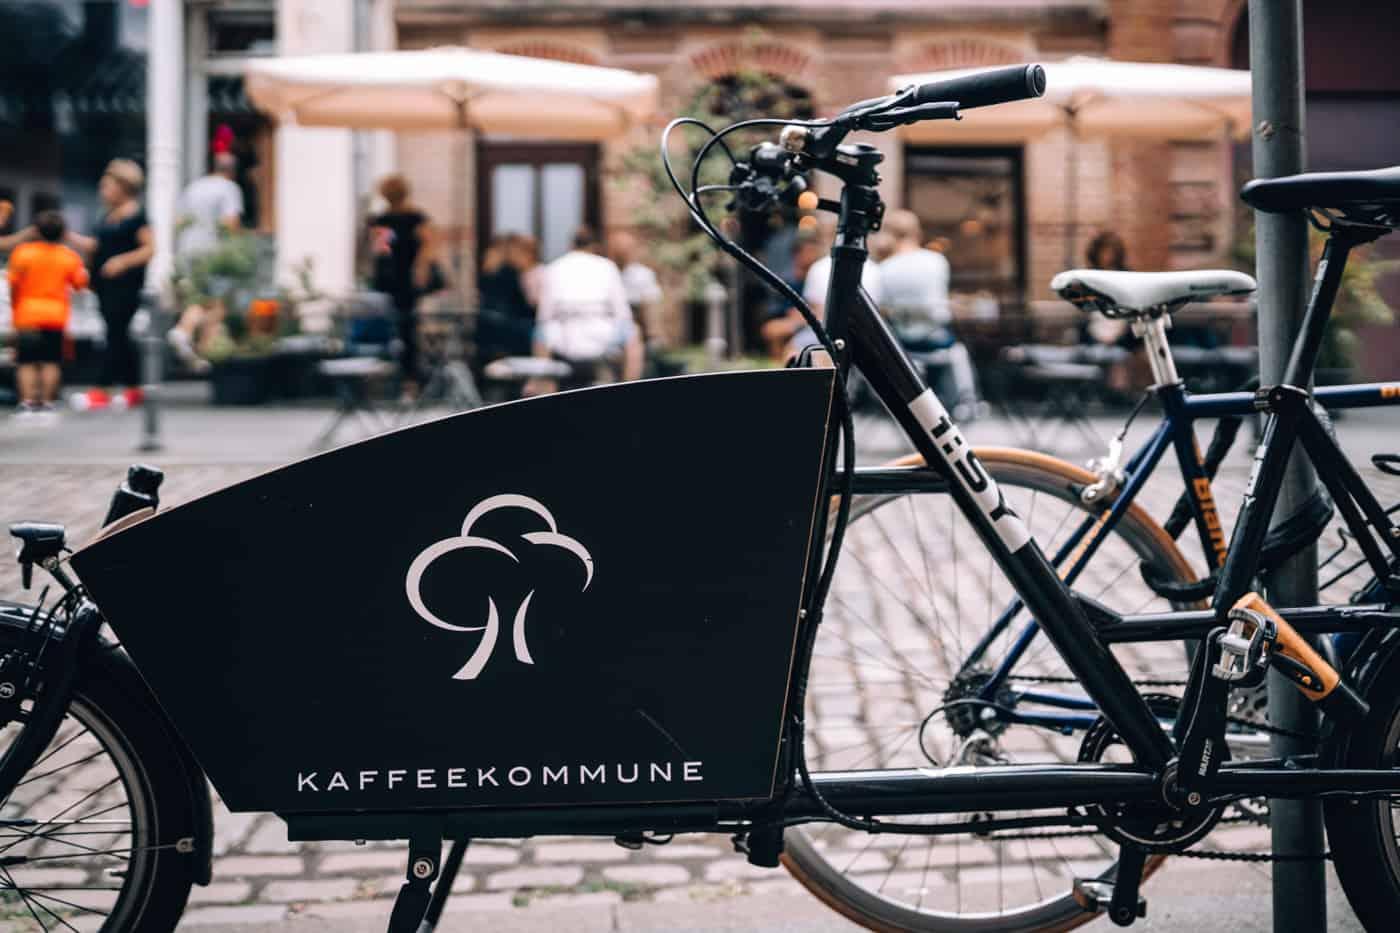 Mainz - Sehenswürdigkeiten, schönste Ecken, Essens- & Insider Tipps: Kaffeekommune